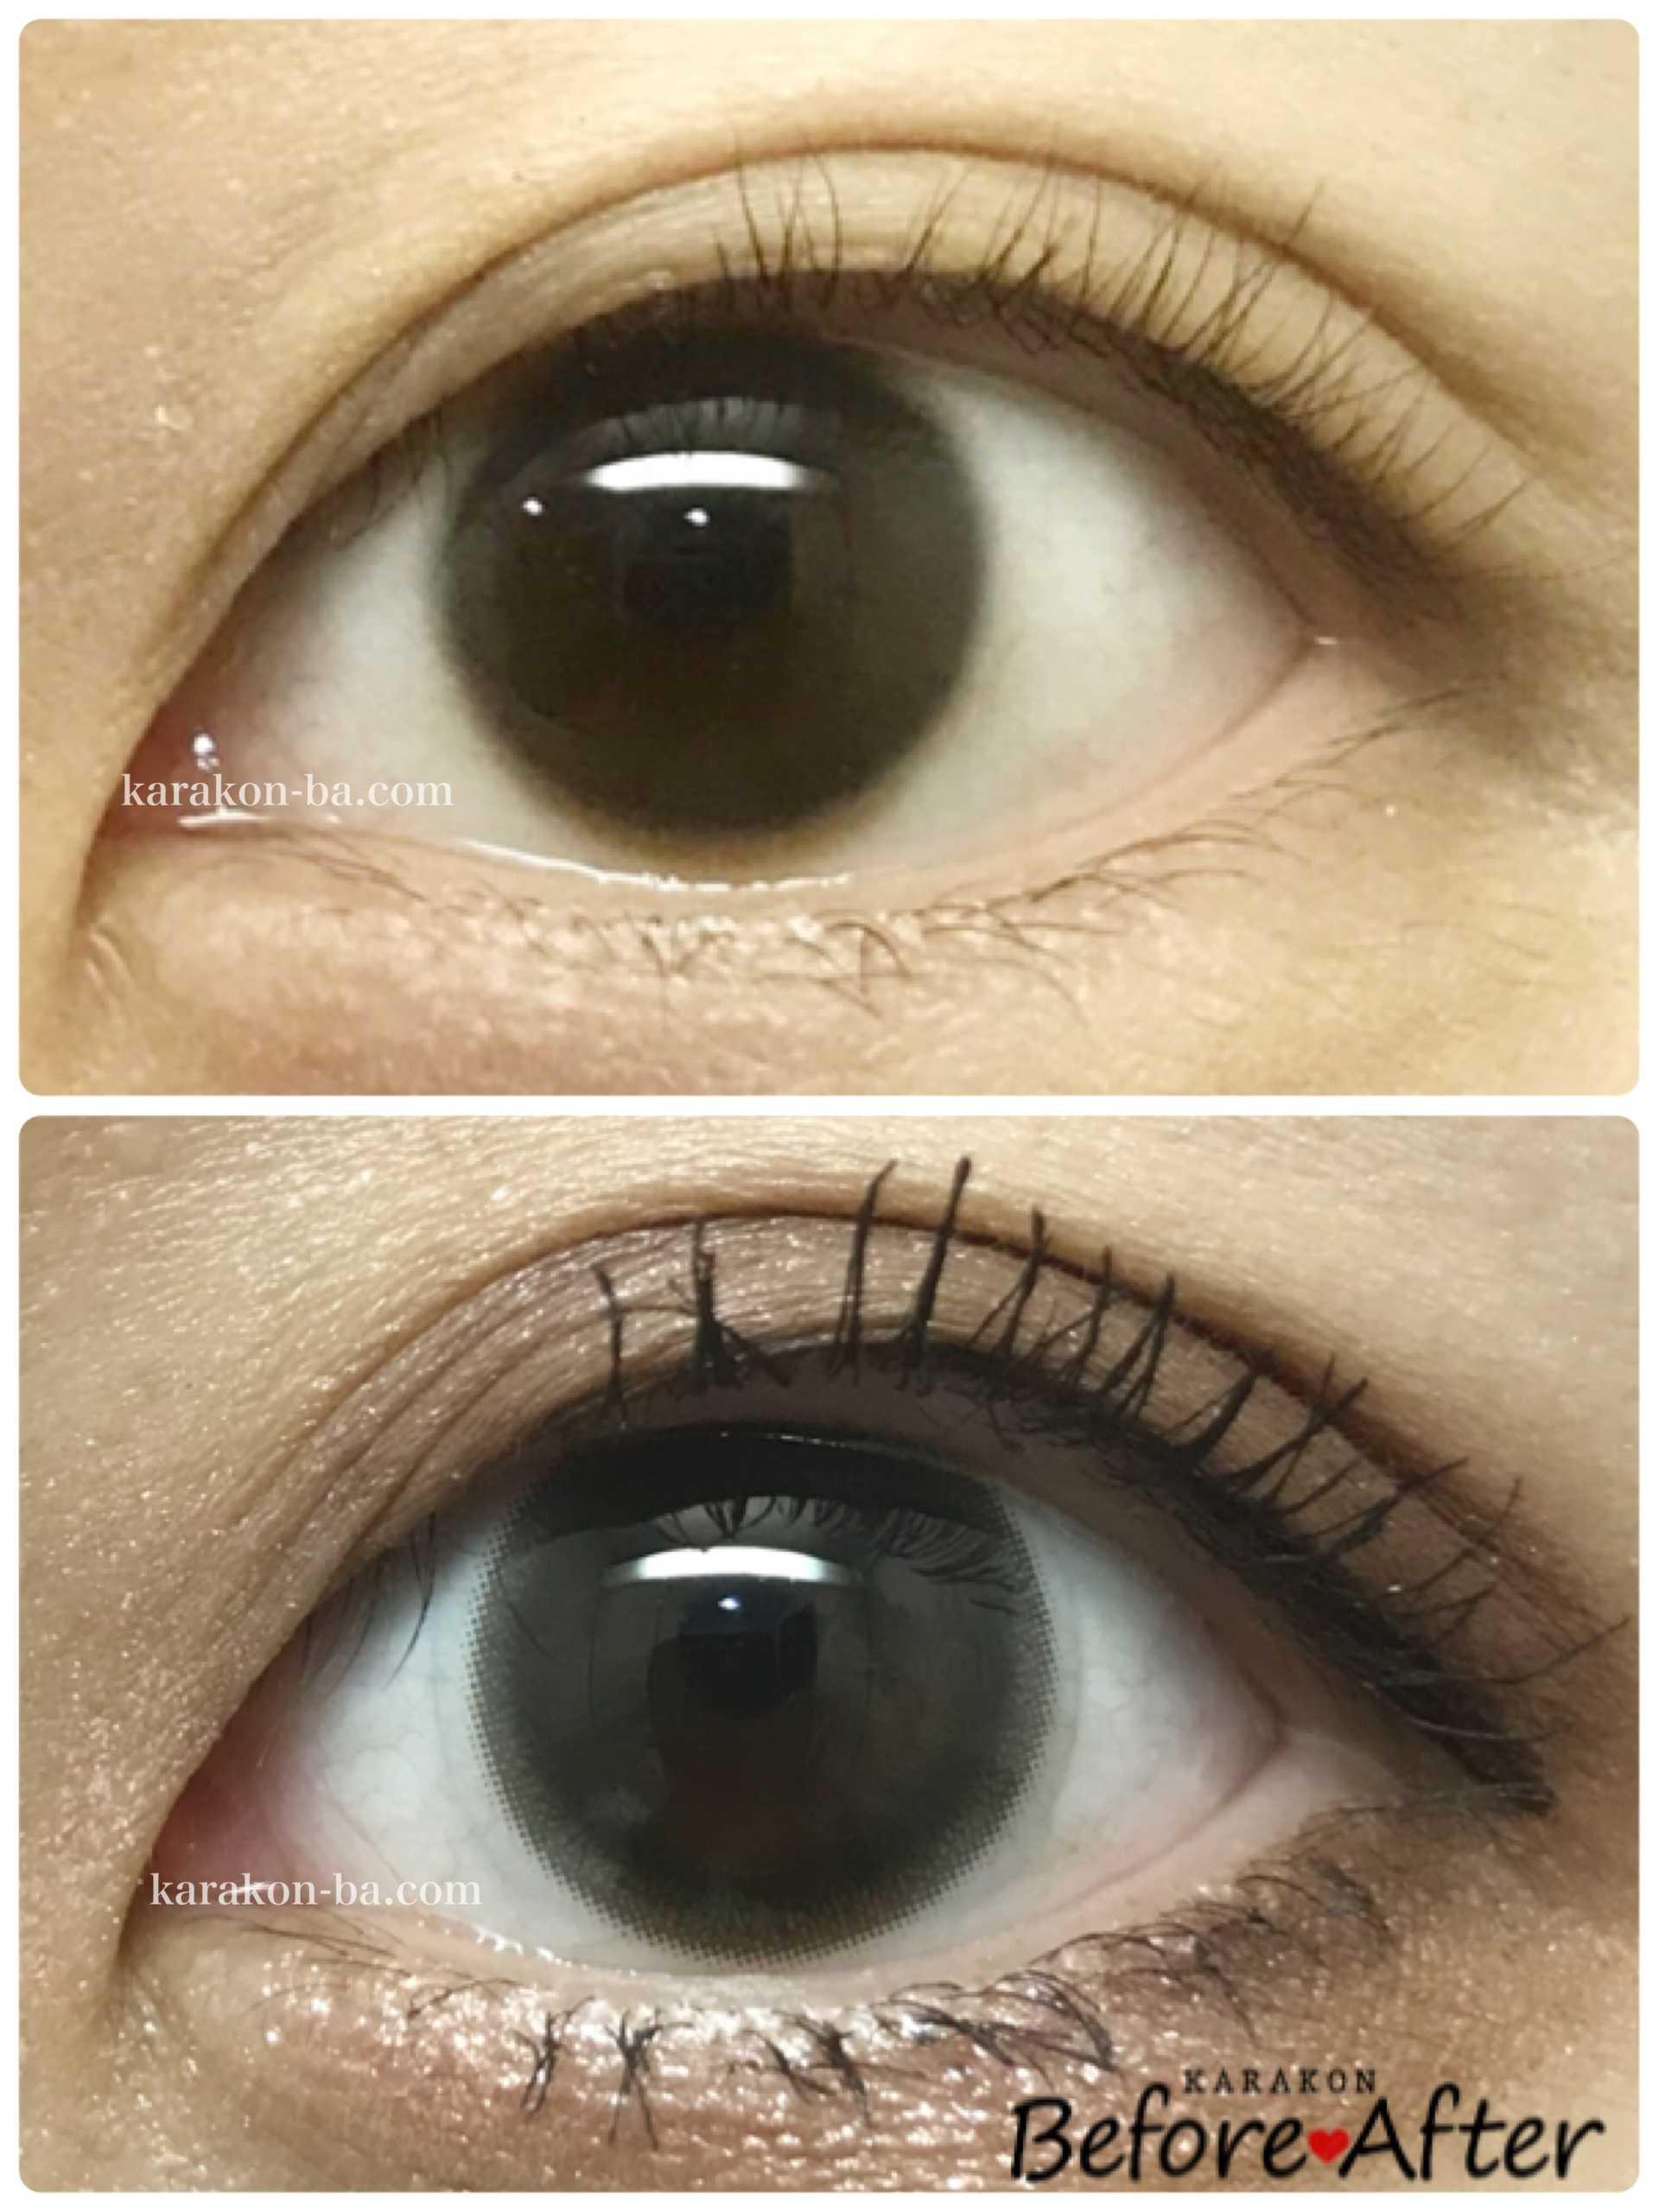 BELTA(ベルタ)ナチュラルブラックのカラコン装着画像/裸眼と比較レポ